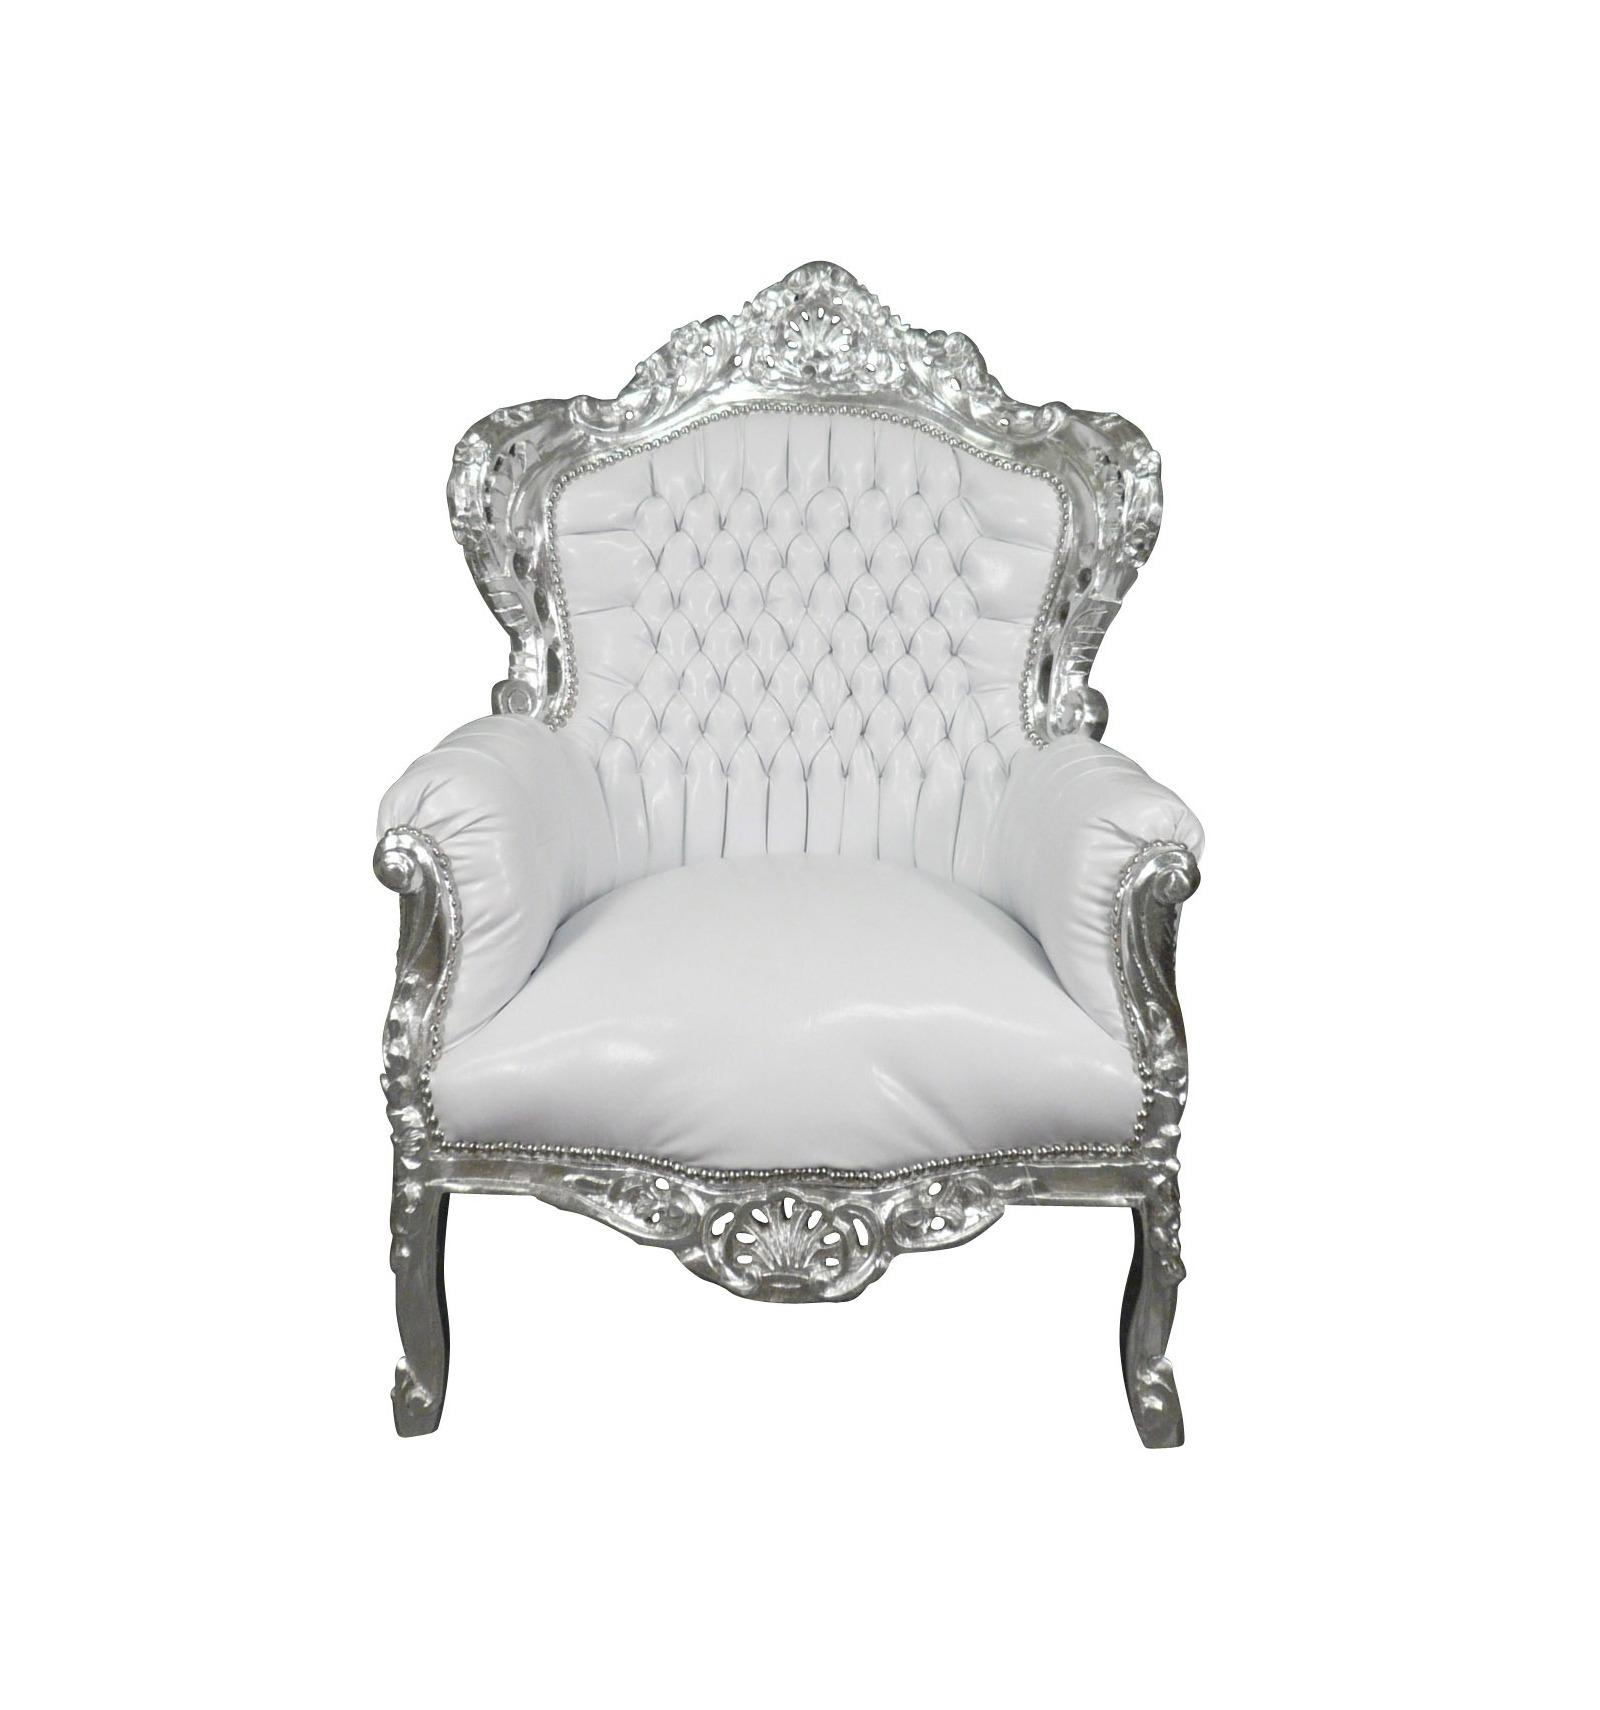 fauteuil baroque blanc bois argent - Chaise Baroque